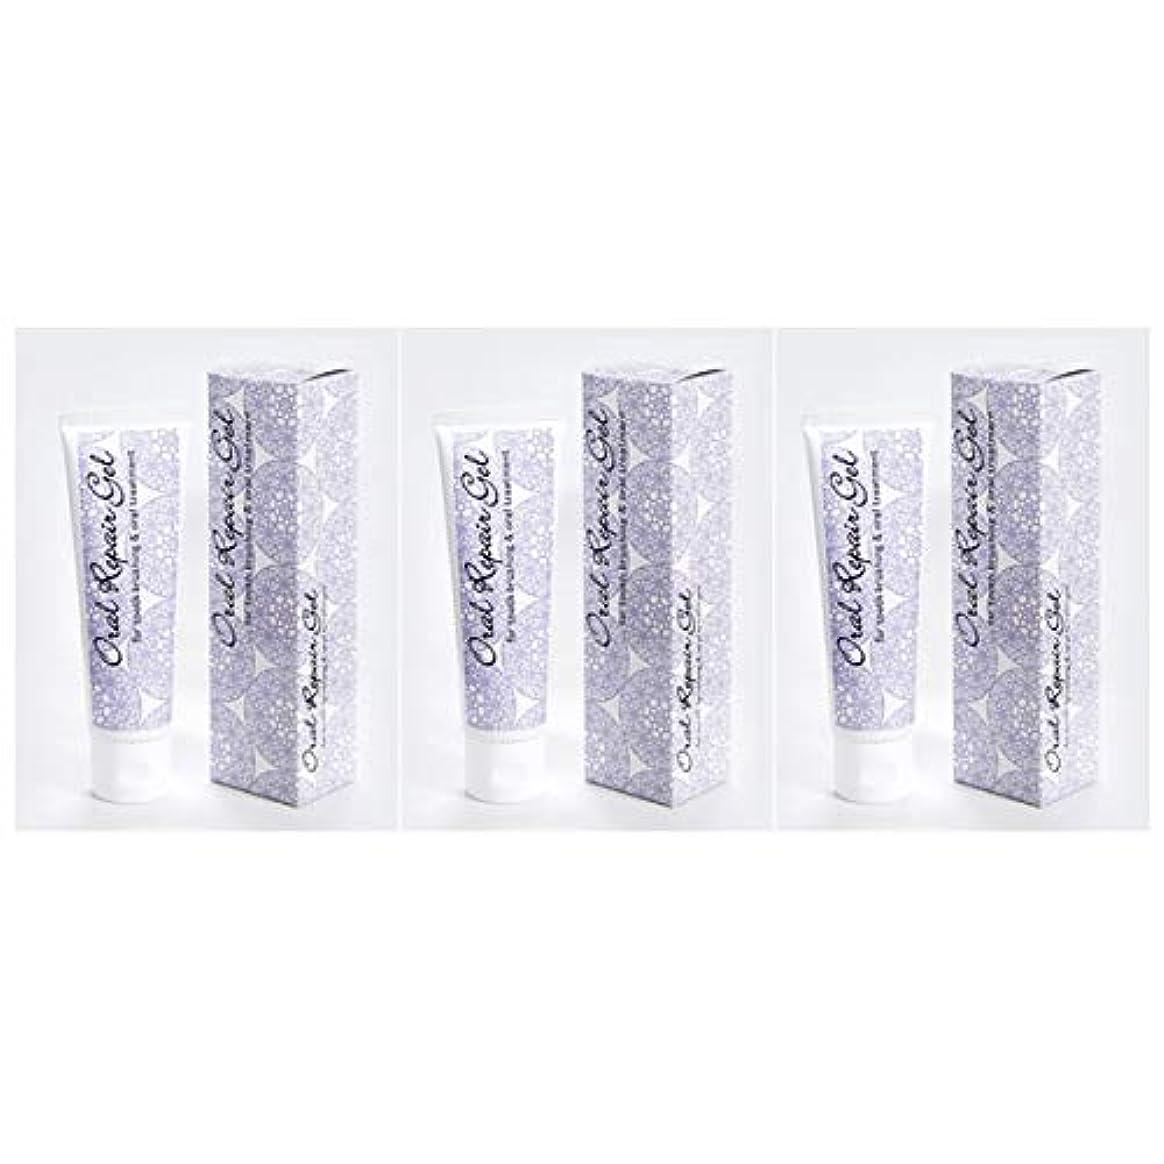 誇り関係該当するオーラルリペアジェル3個セット(80g×3個) 天然アパタイト+乳酸菌生産物質配合の無添加歯磨き剤